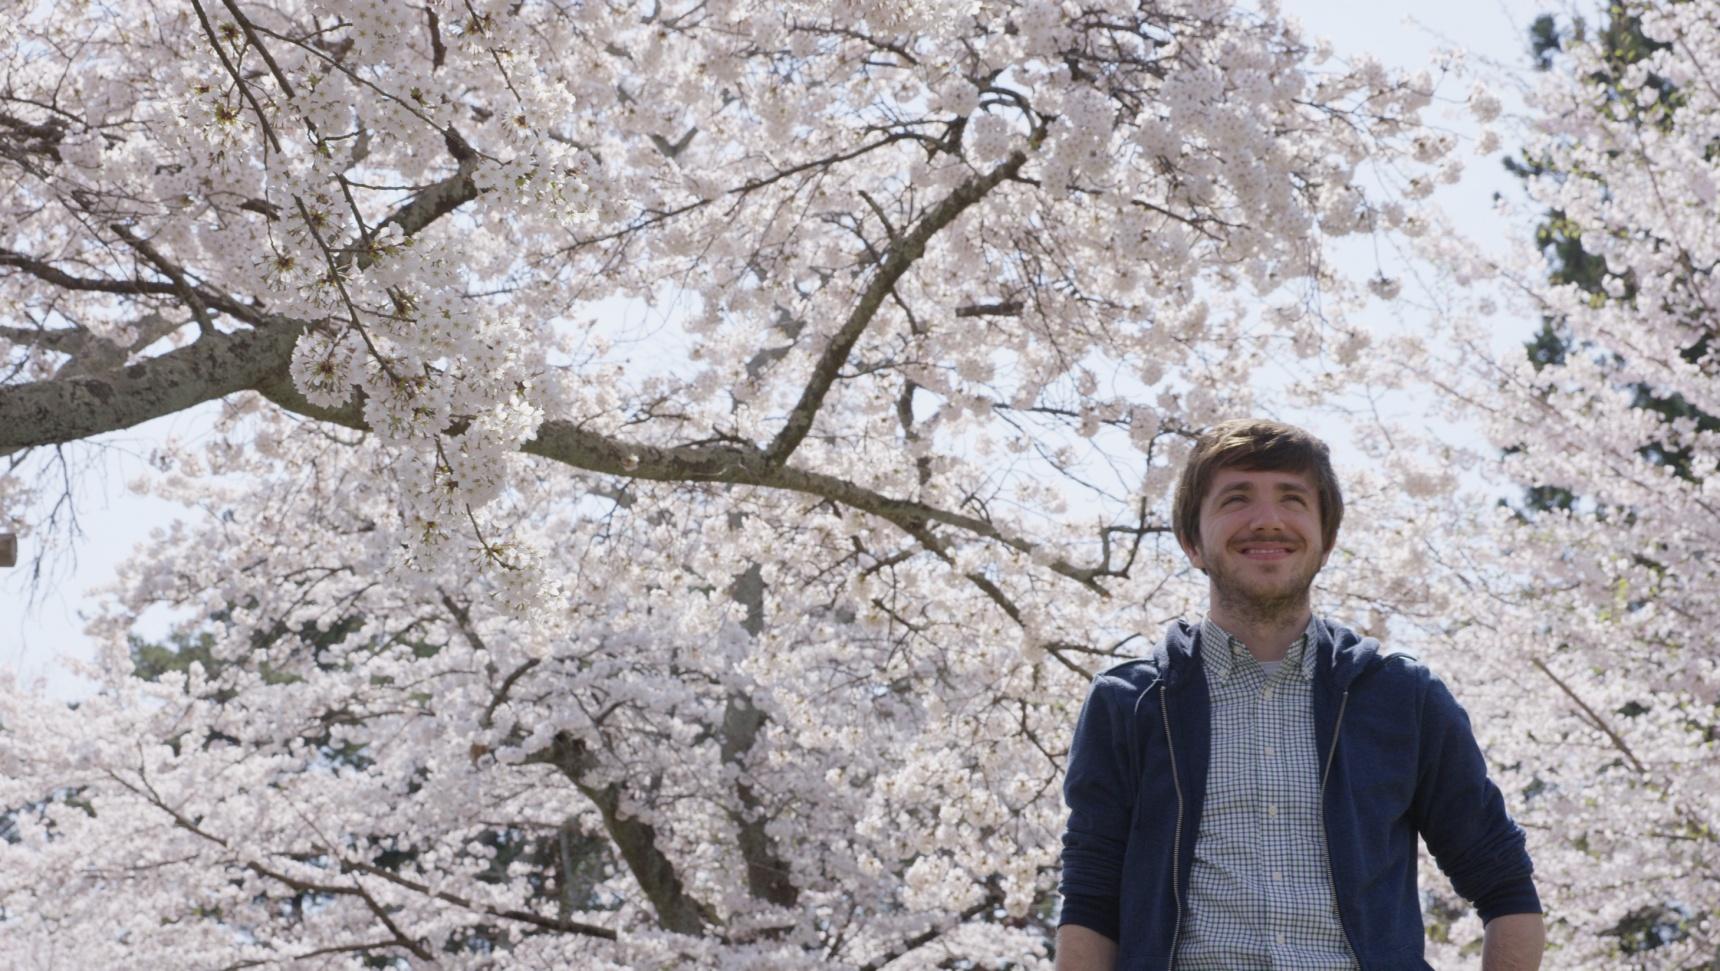 日本深度之旅|春季造访东北的10大理由